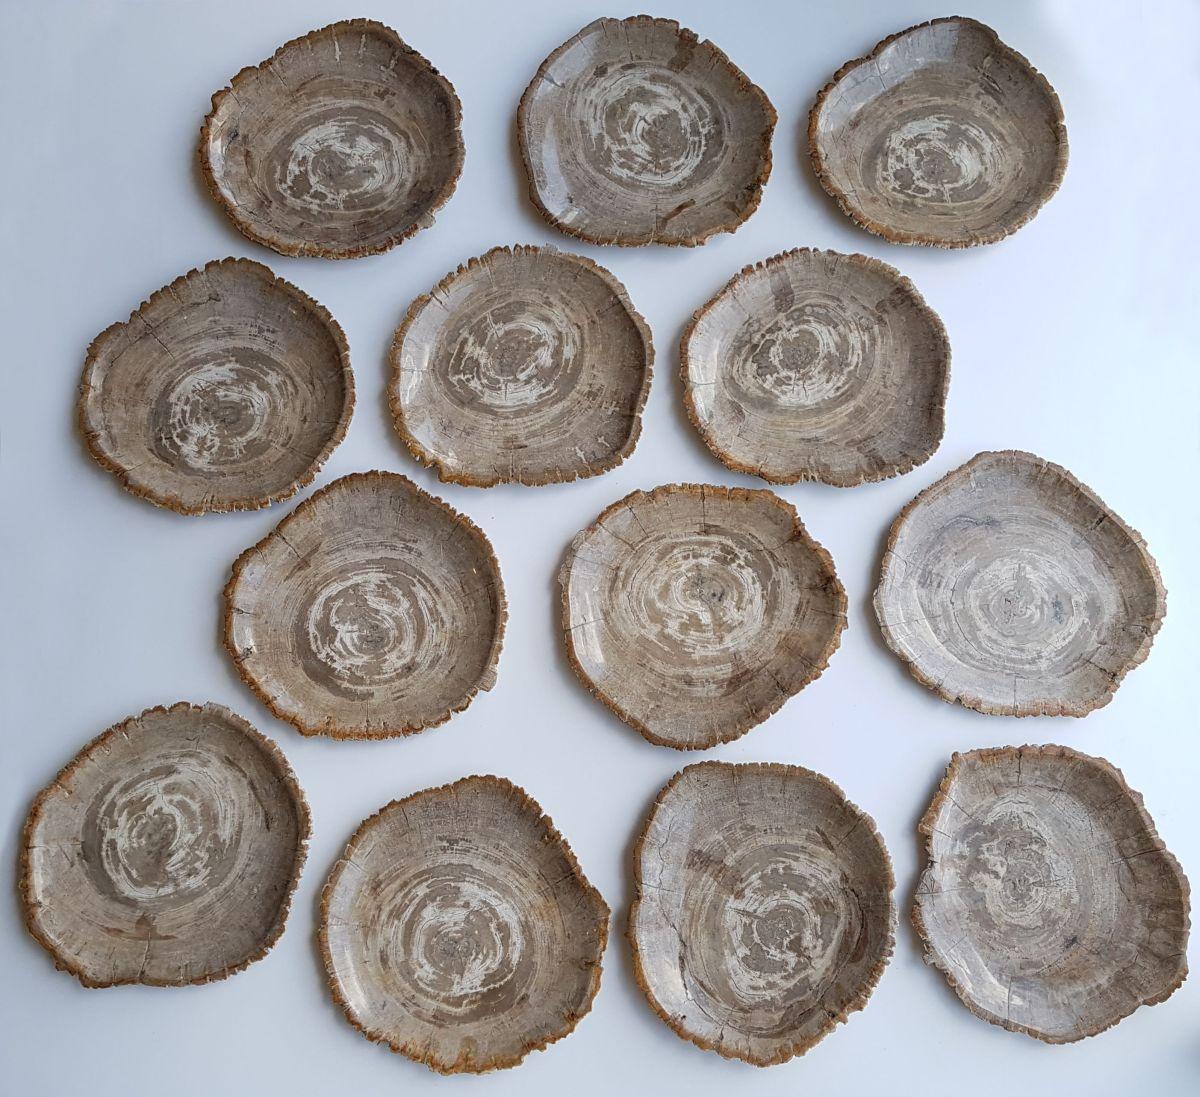 Plate petrified wood 33007c